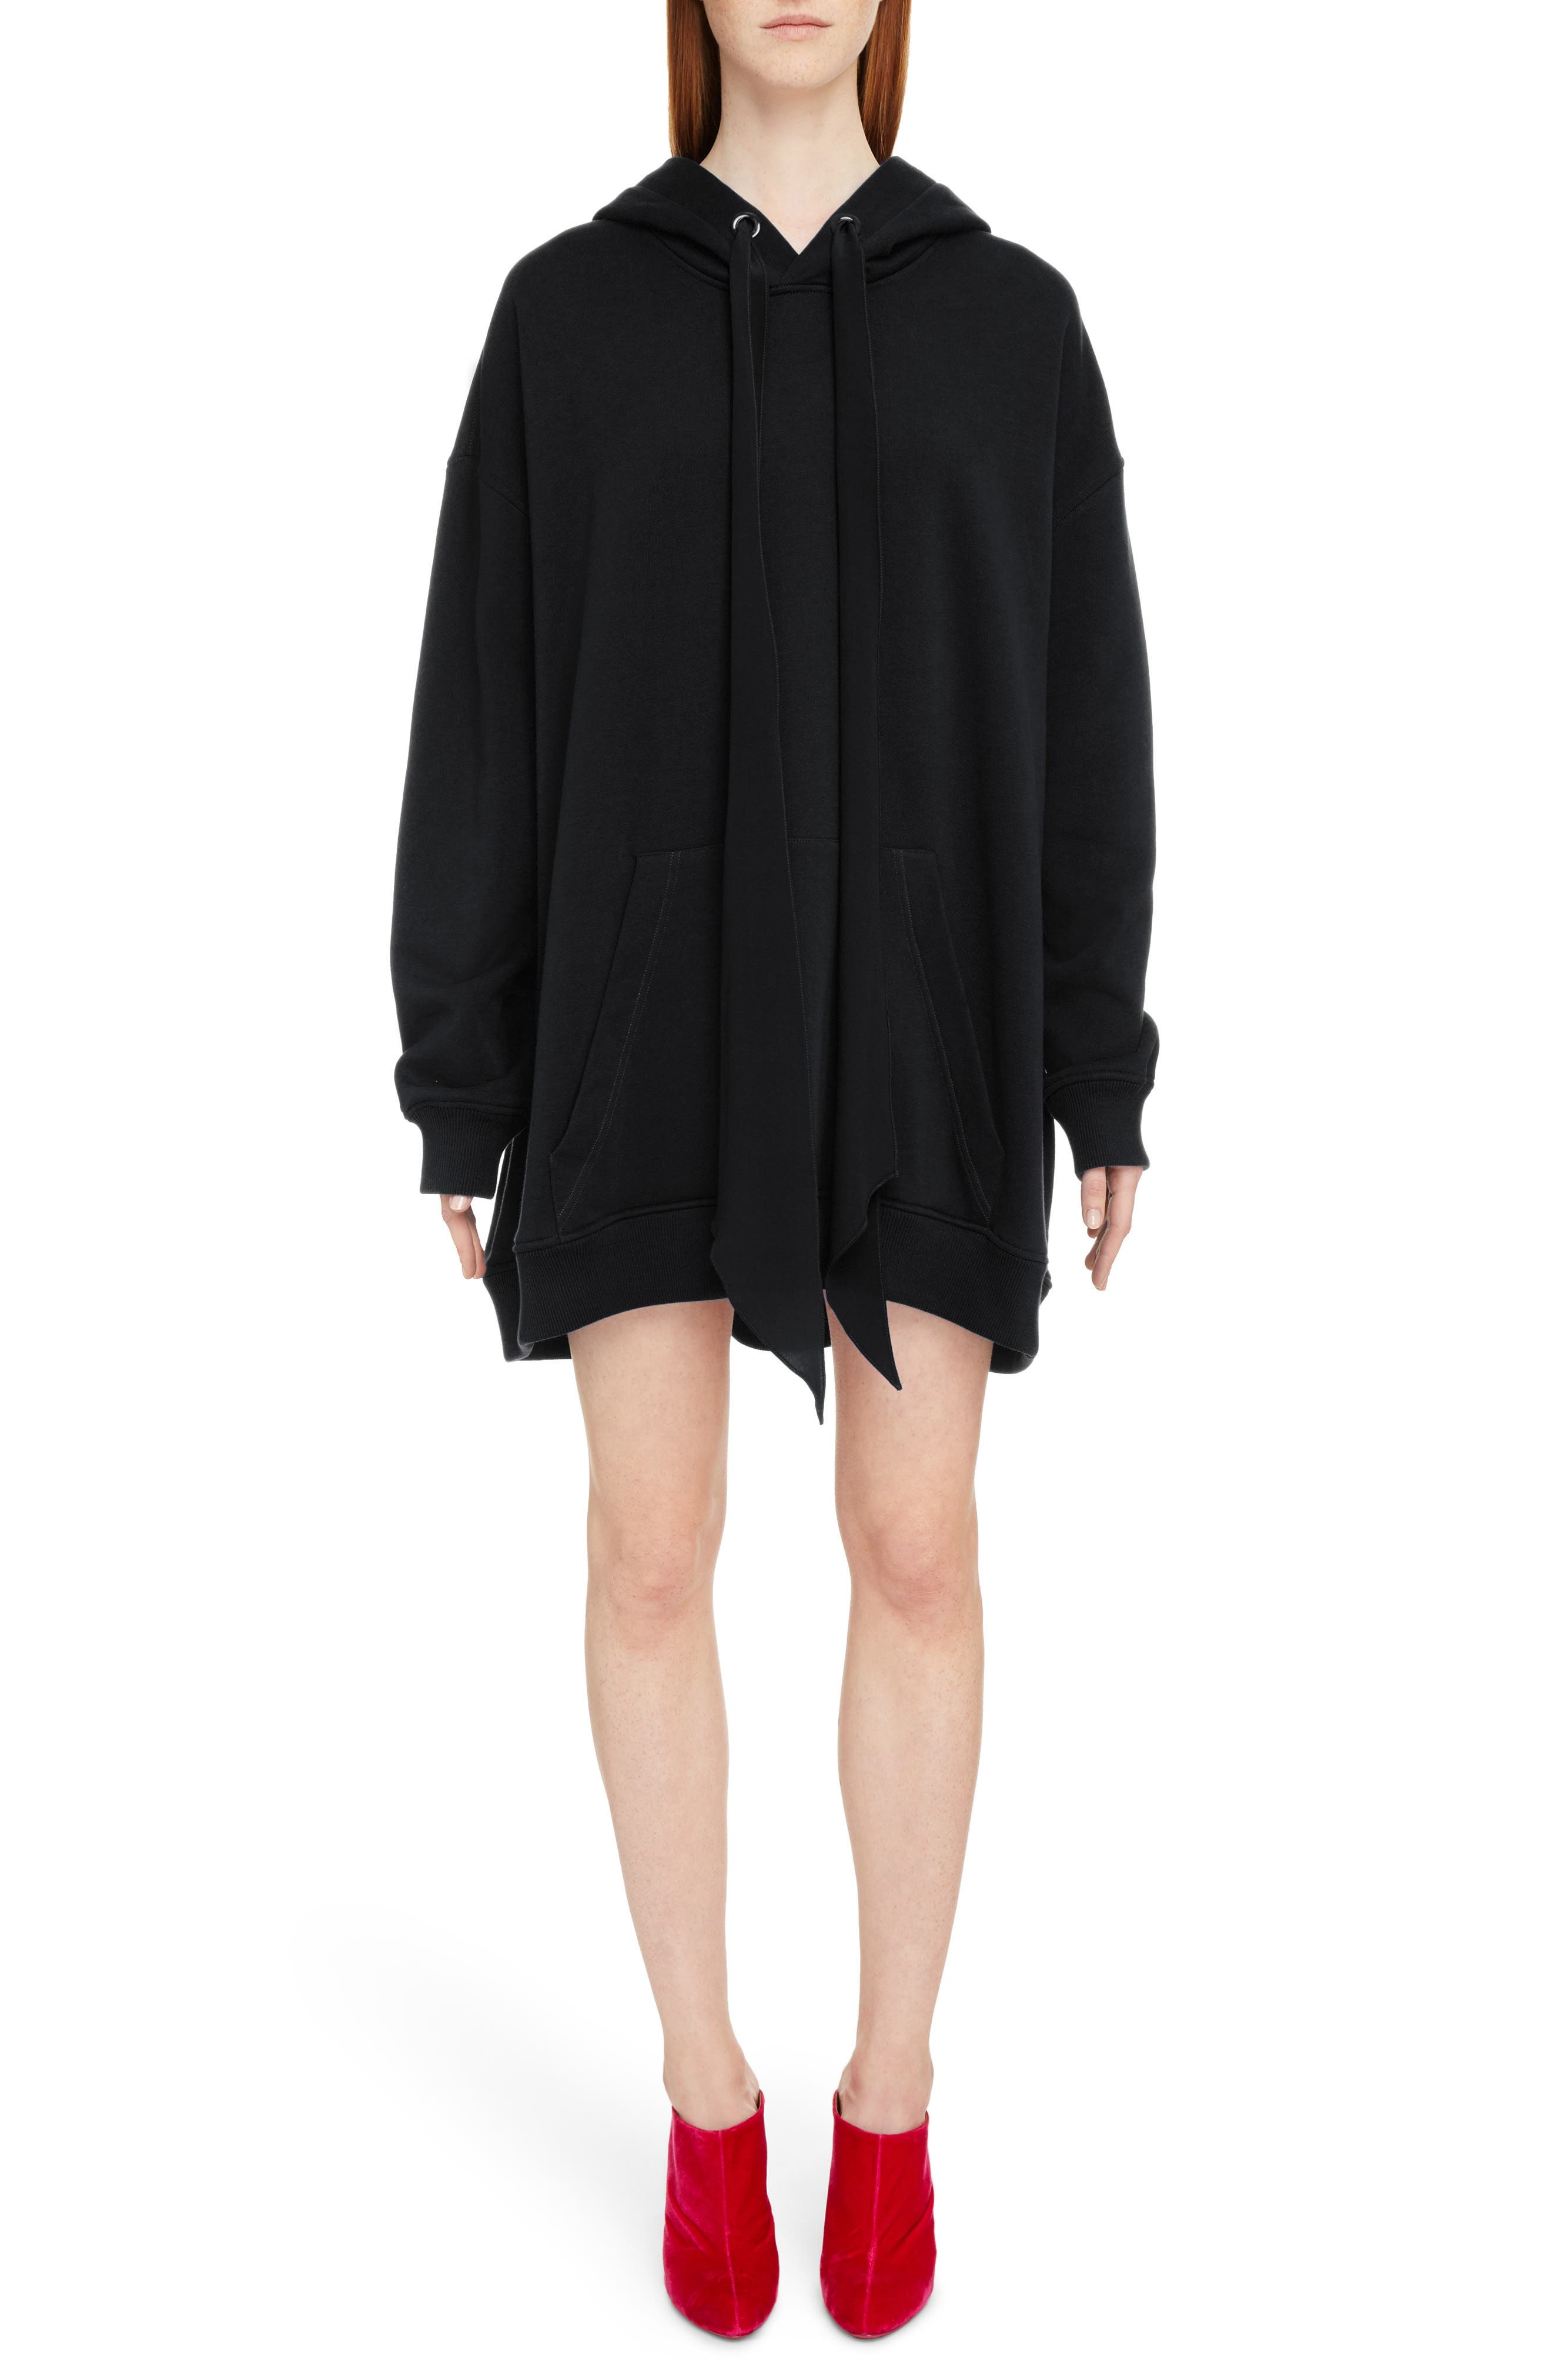 Givenchy Oversize Logo Sweatshirt